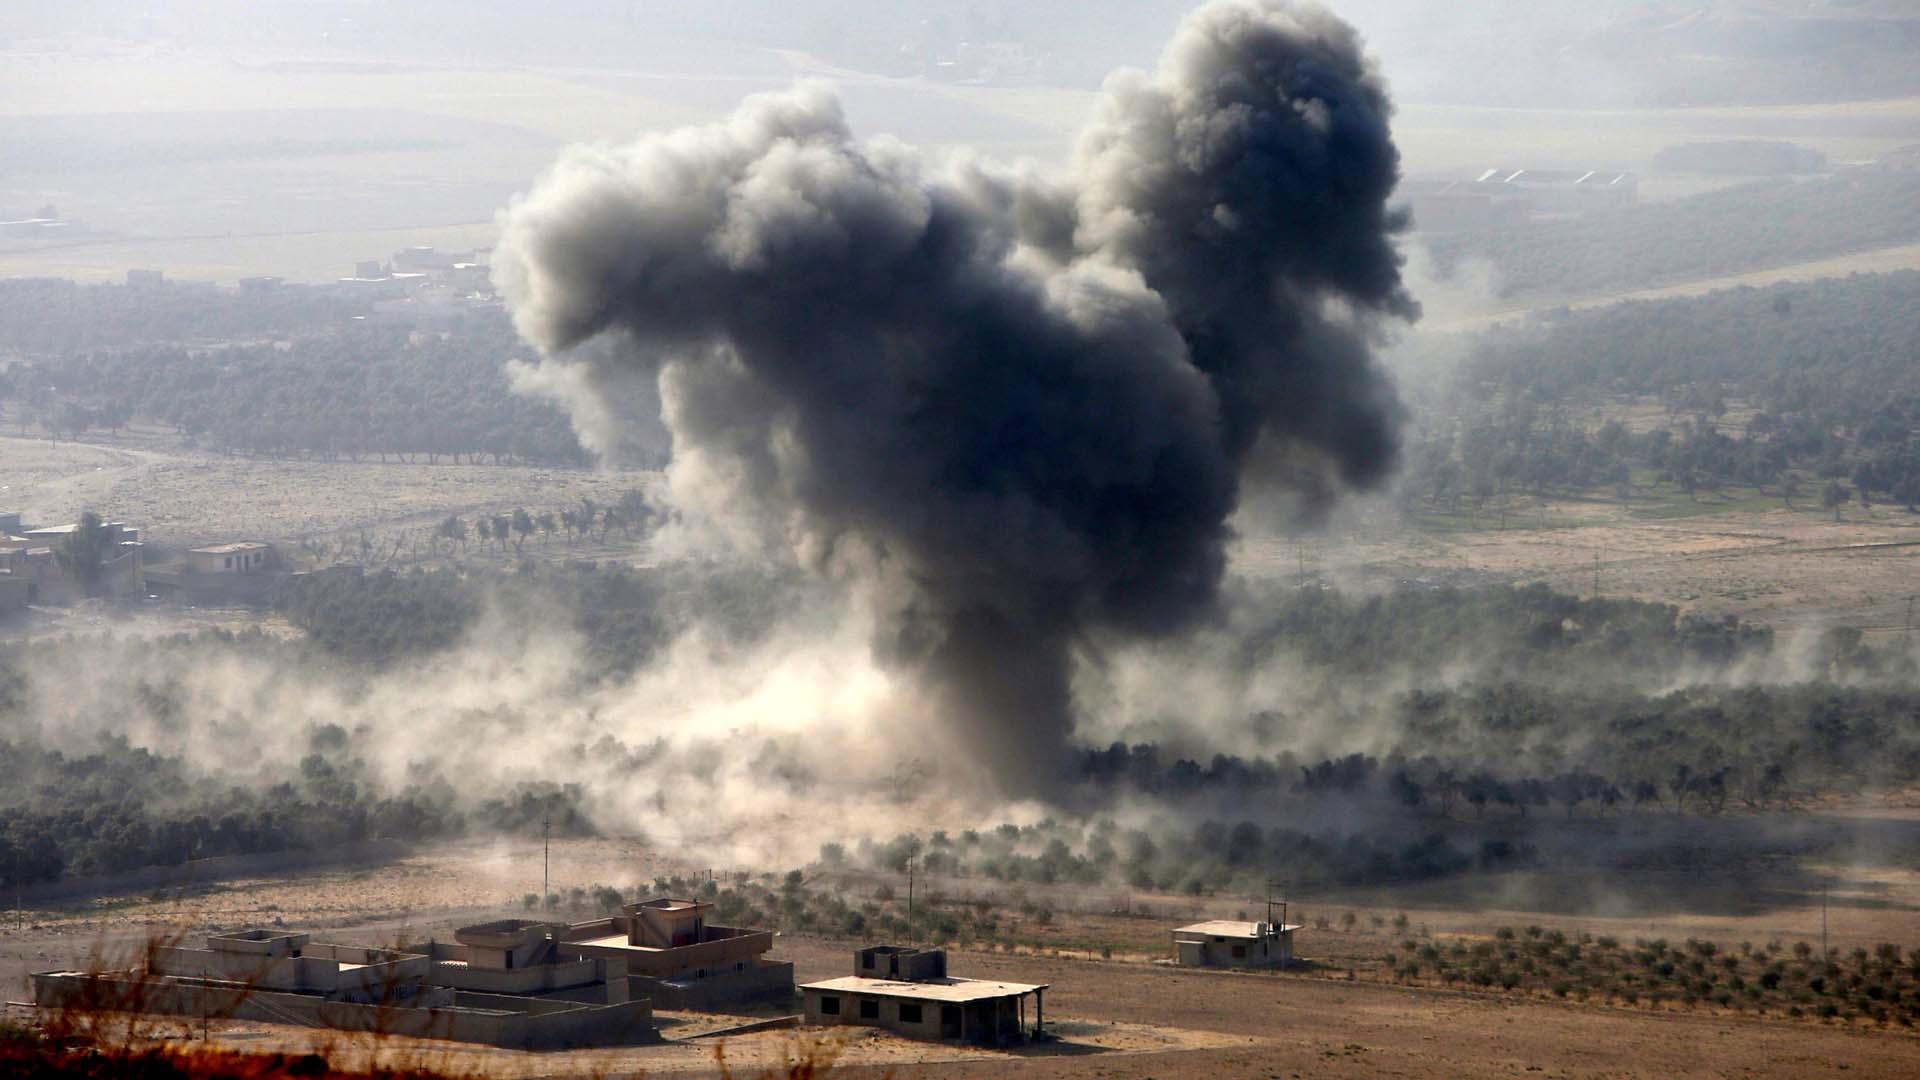 La milicia terrorista atacó un centro de entrenamiento policial en la provincia de Balujistán, lo que produjo víctimas mortales y heridos